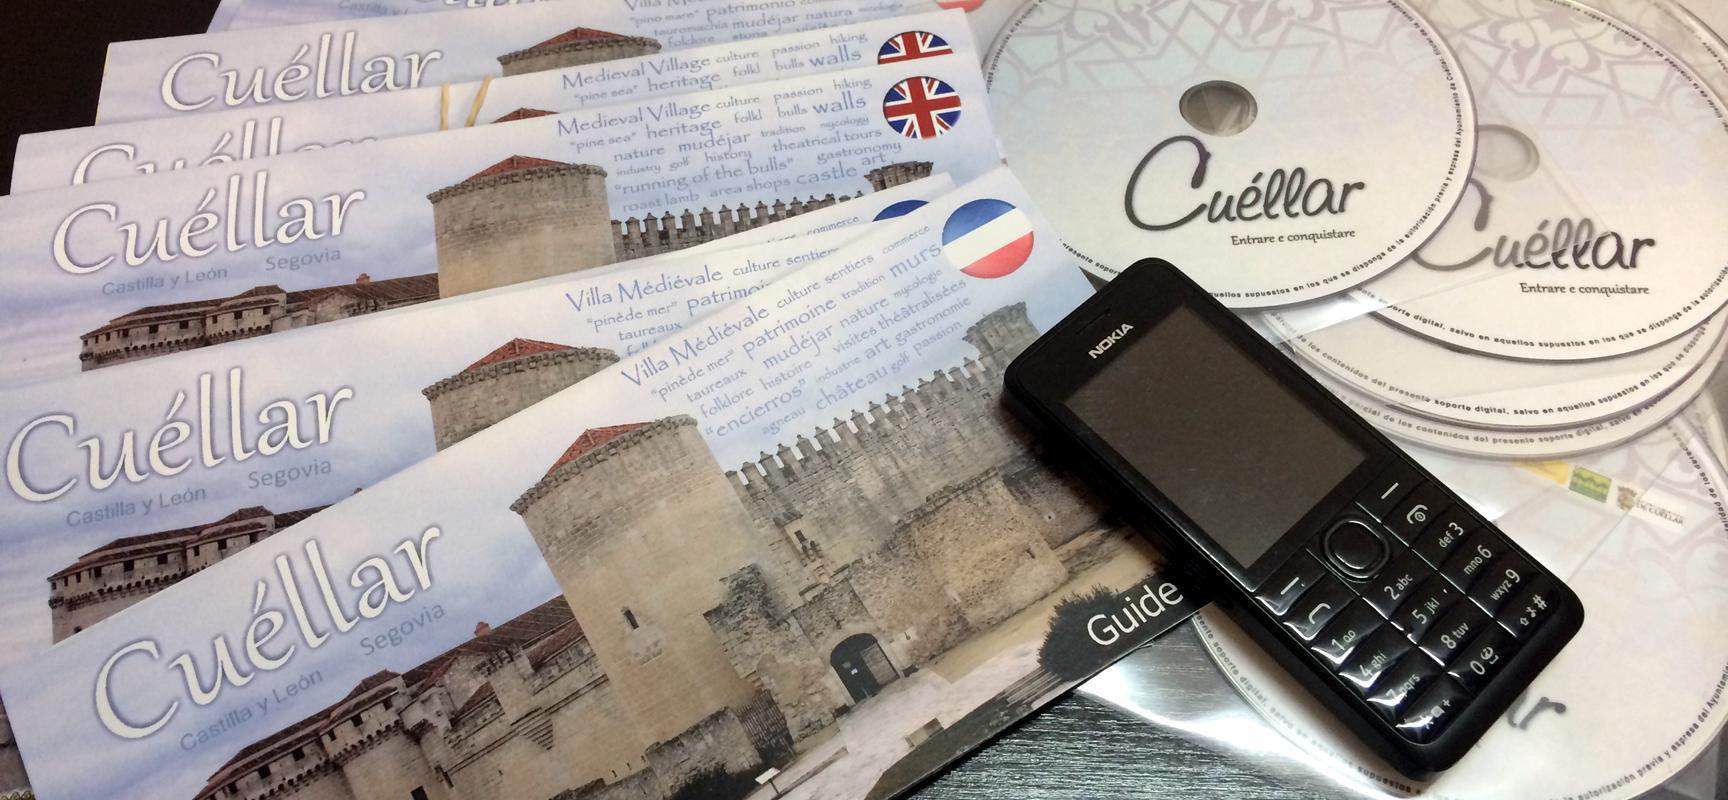 Turismo incorpora nuevos material promocional en ingl s for Material de oficina en ingles